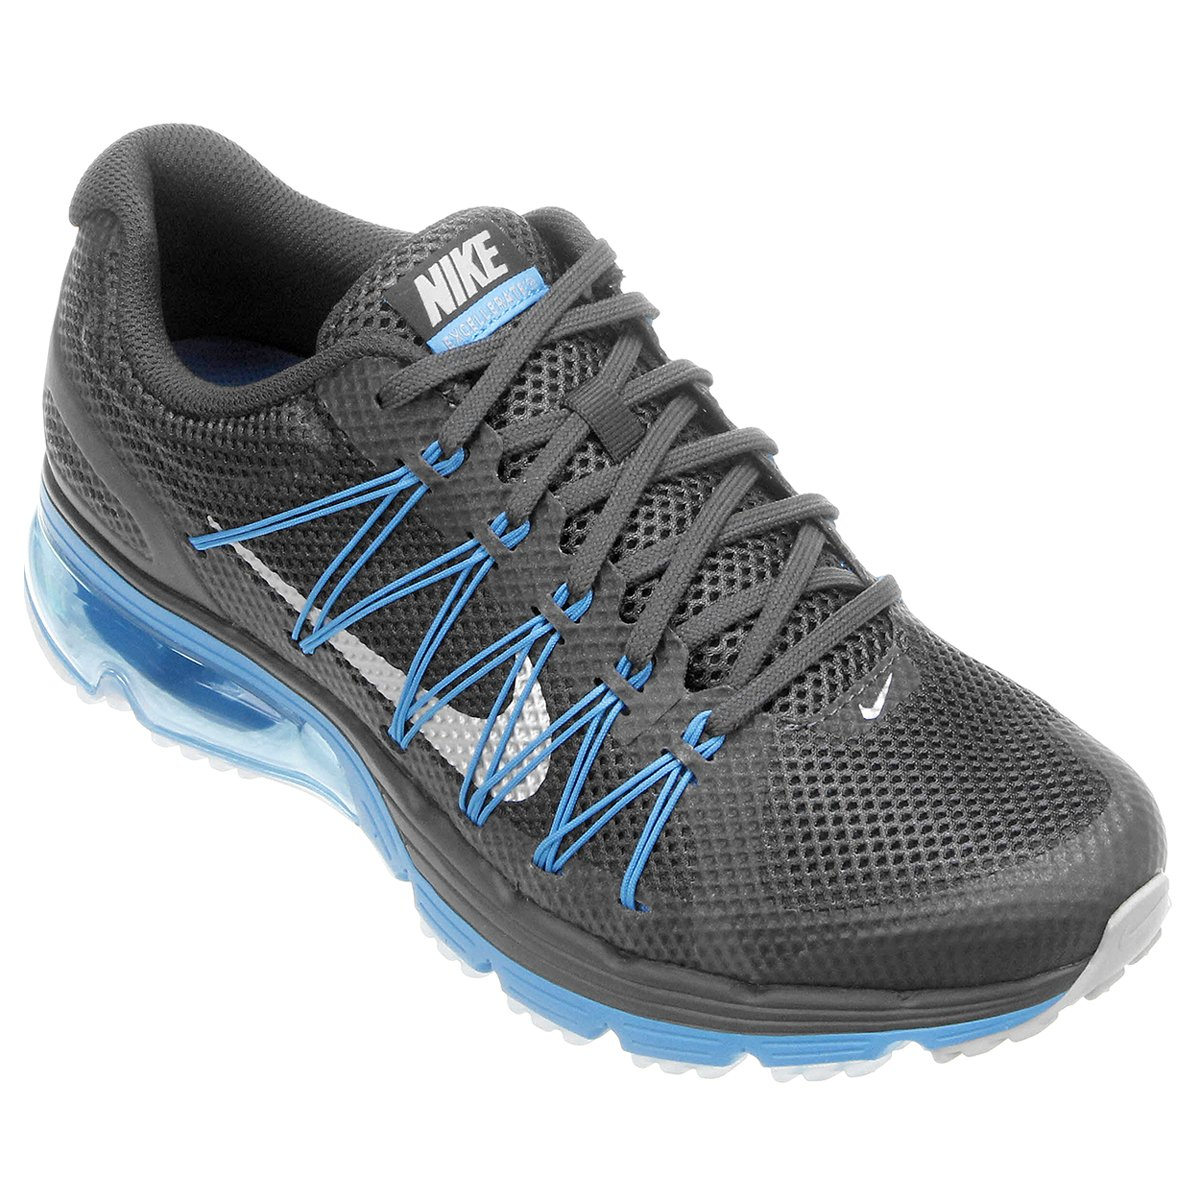 8b3b20297d9 Tênis Nike Air Max Excellerate 3 Masculino - Compre Agora